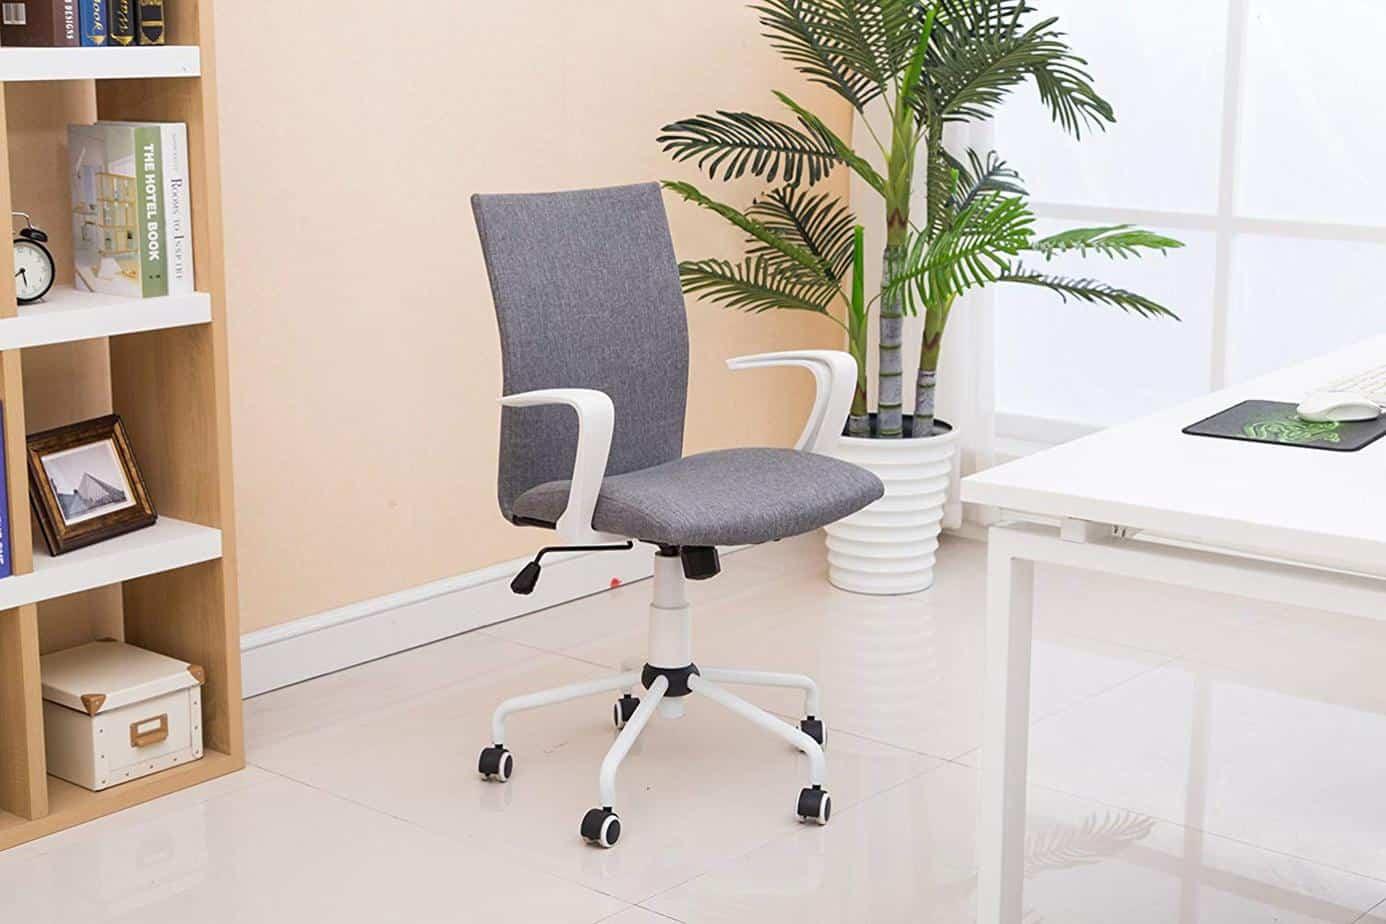 best desk chairs under $100